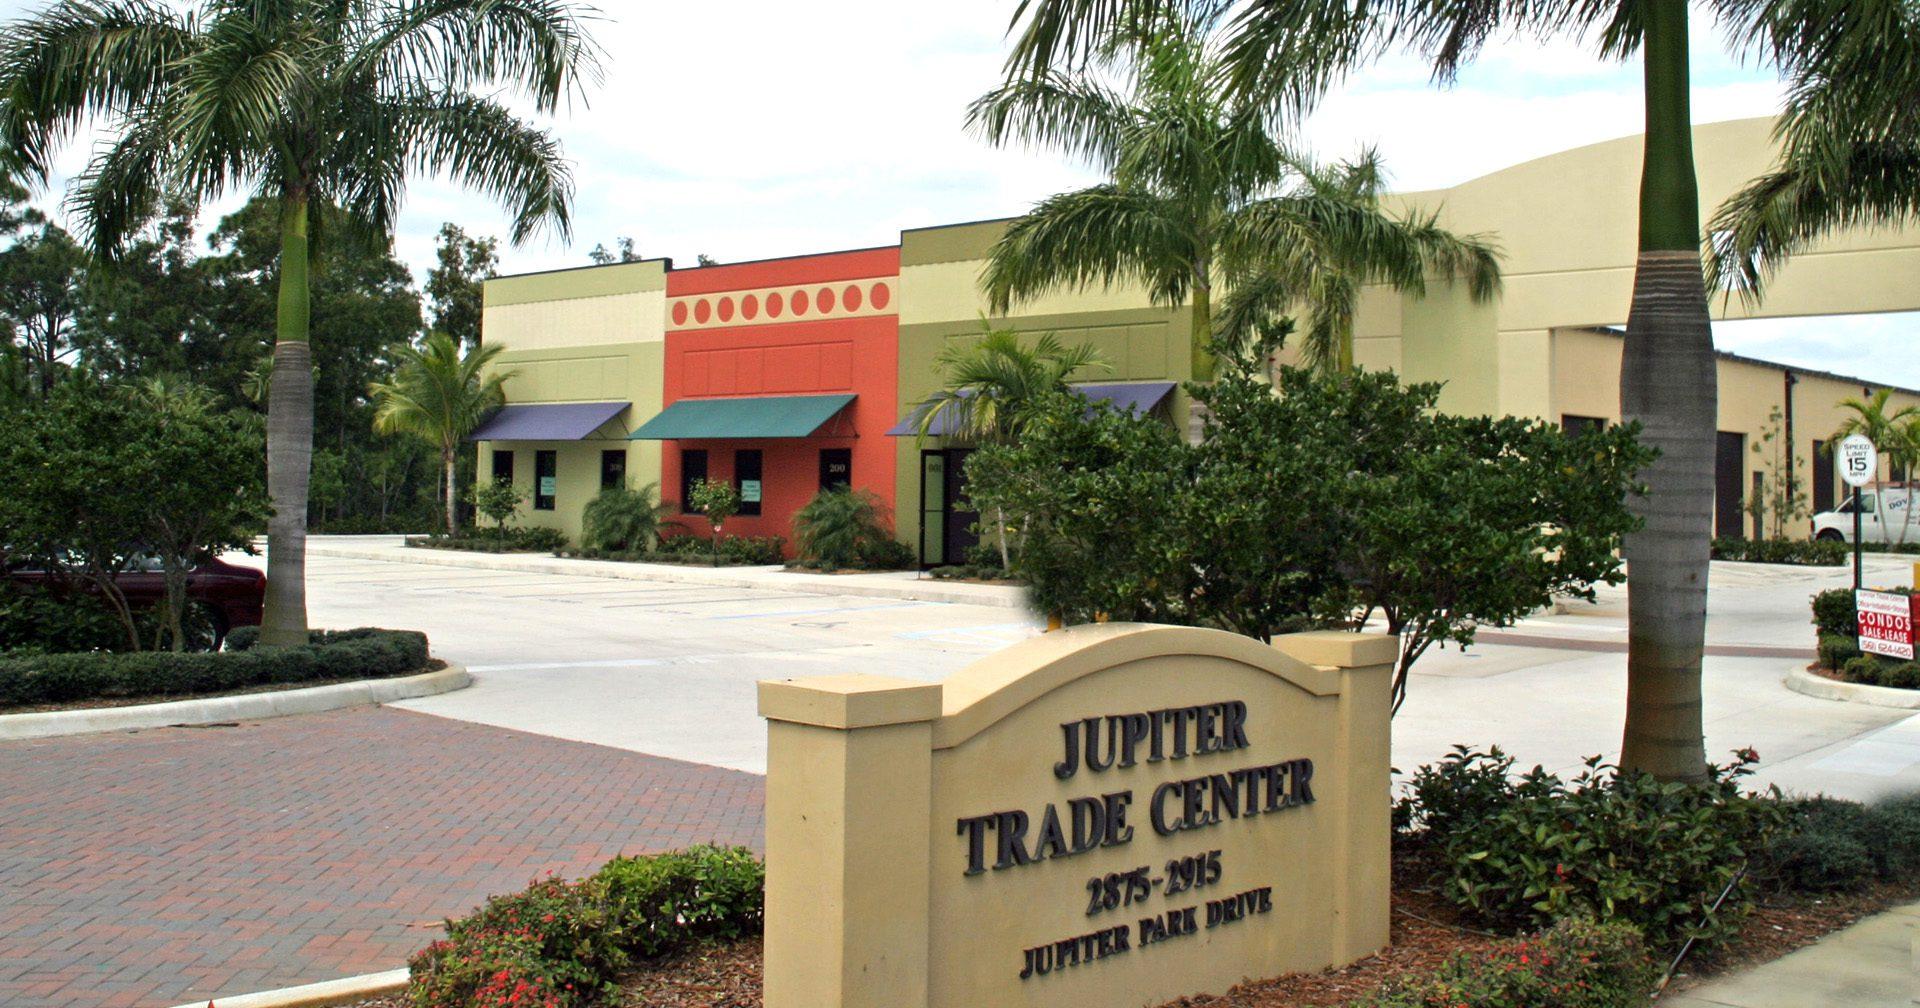 Jupiter Trade Center